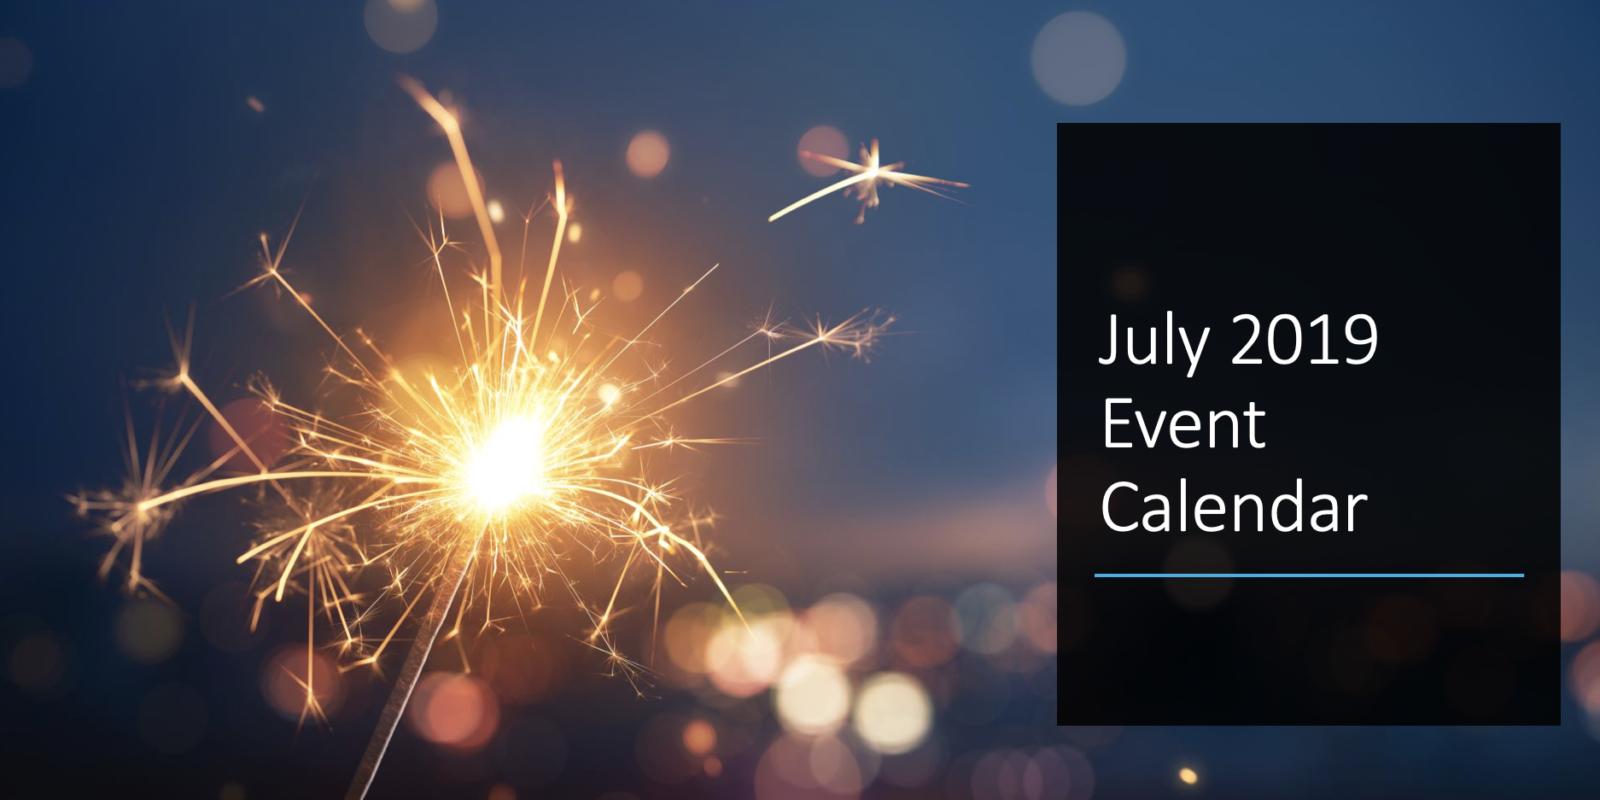 July 2019 Event Calendar